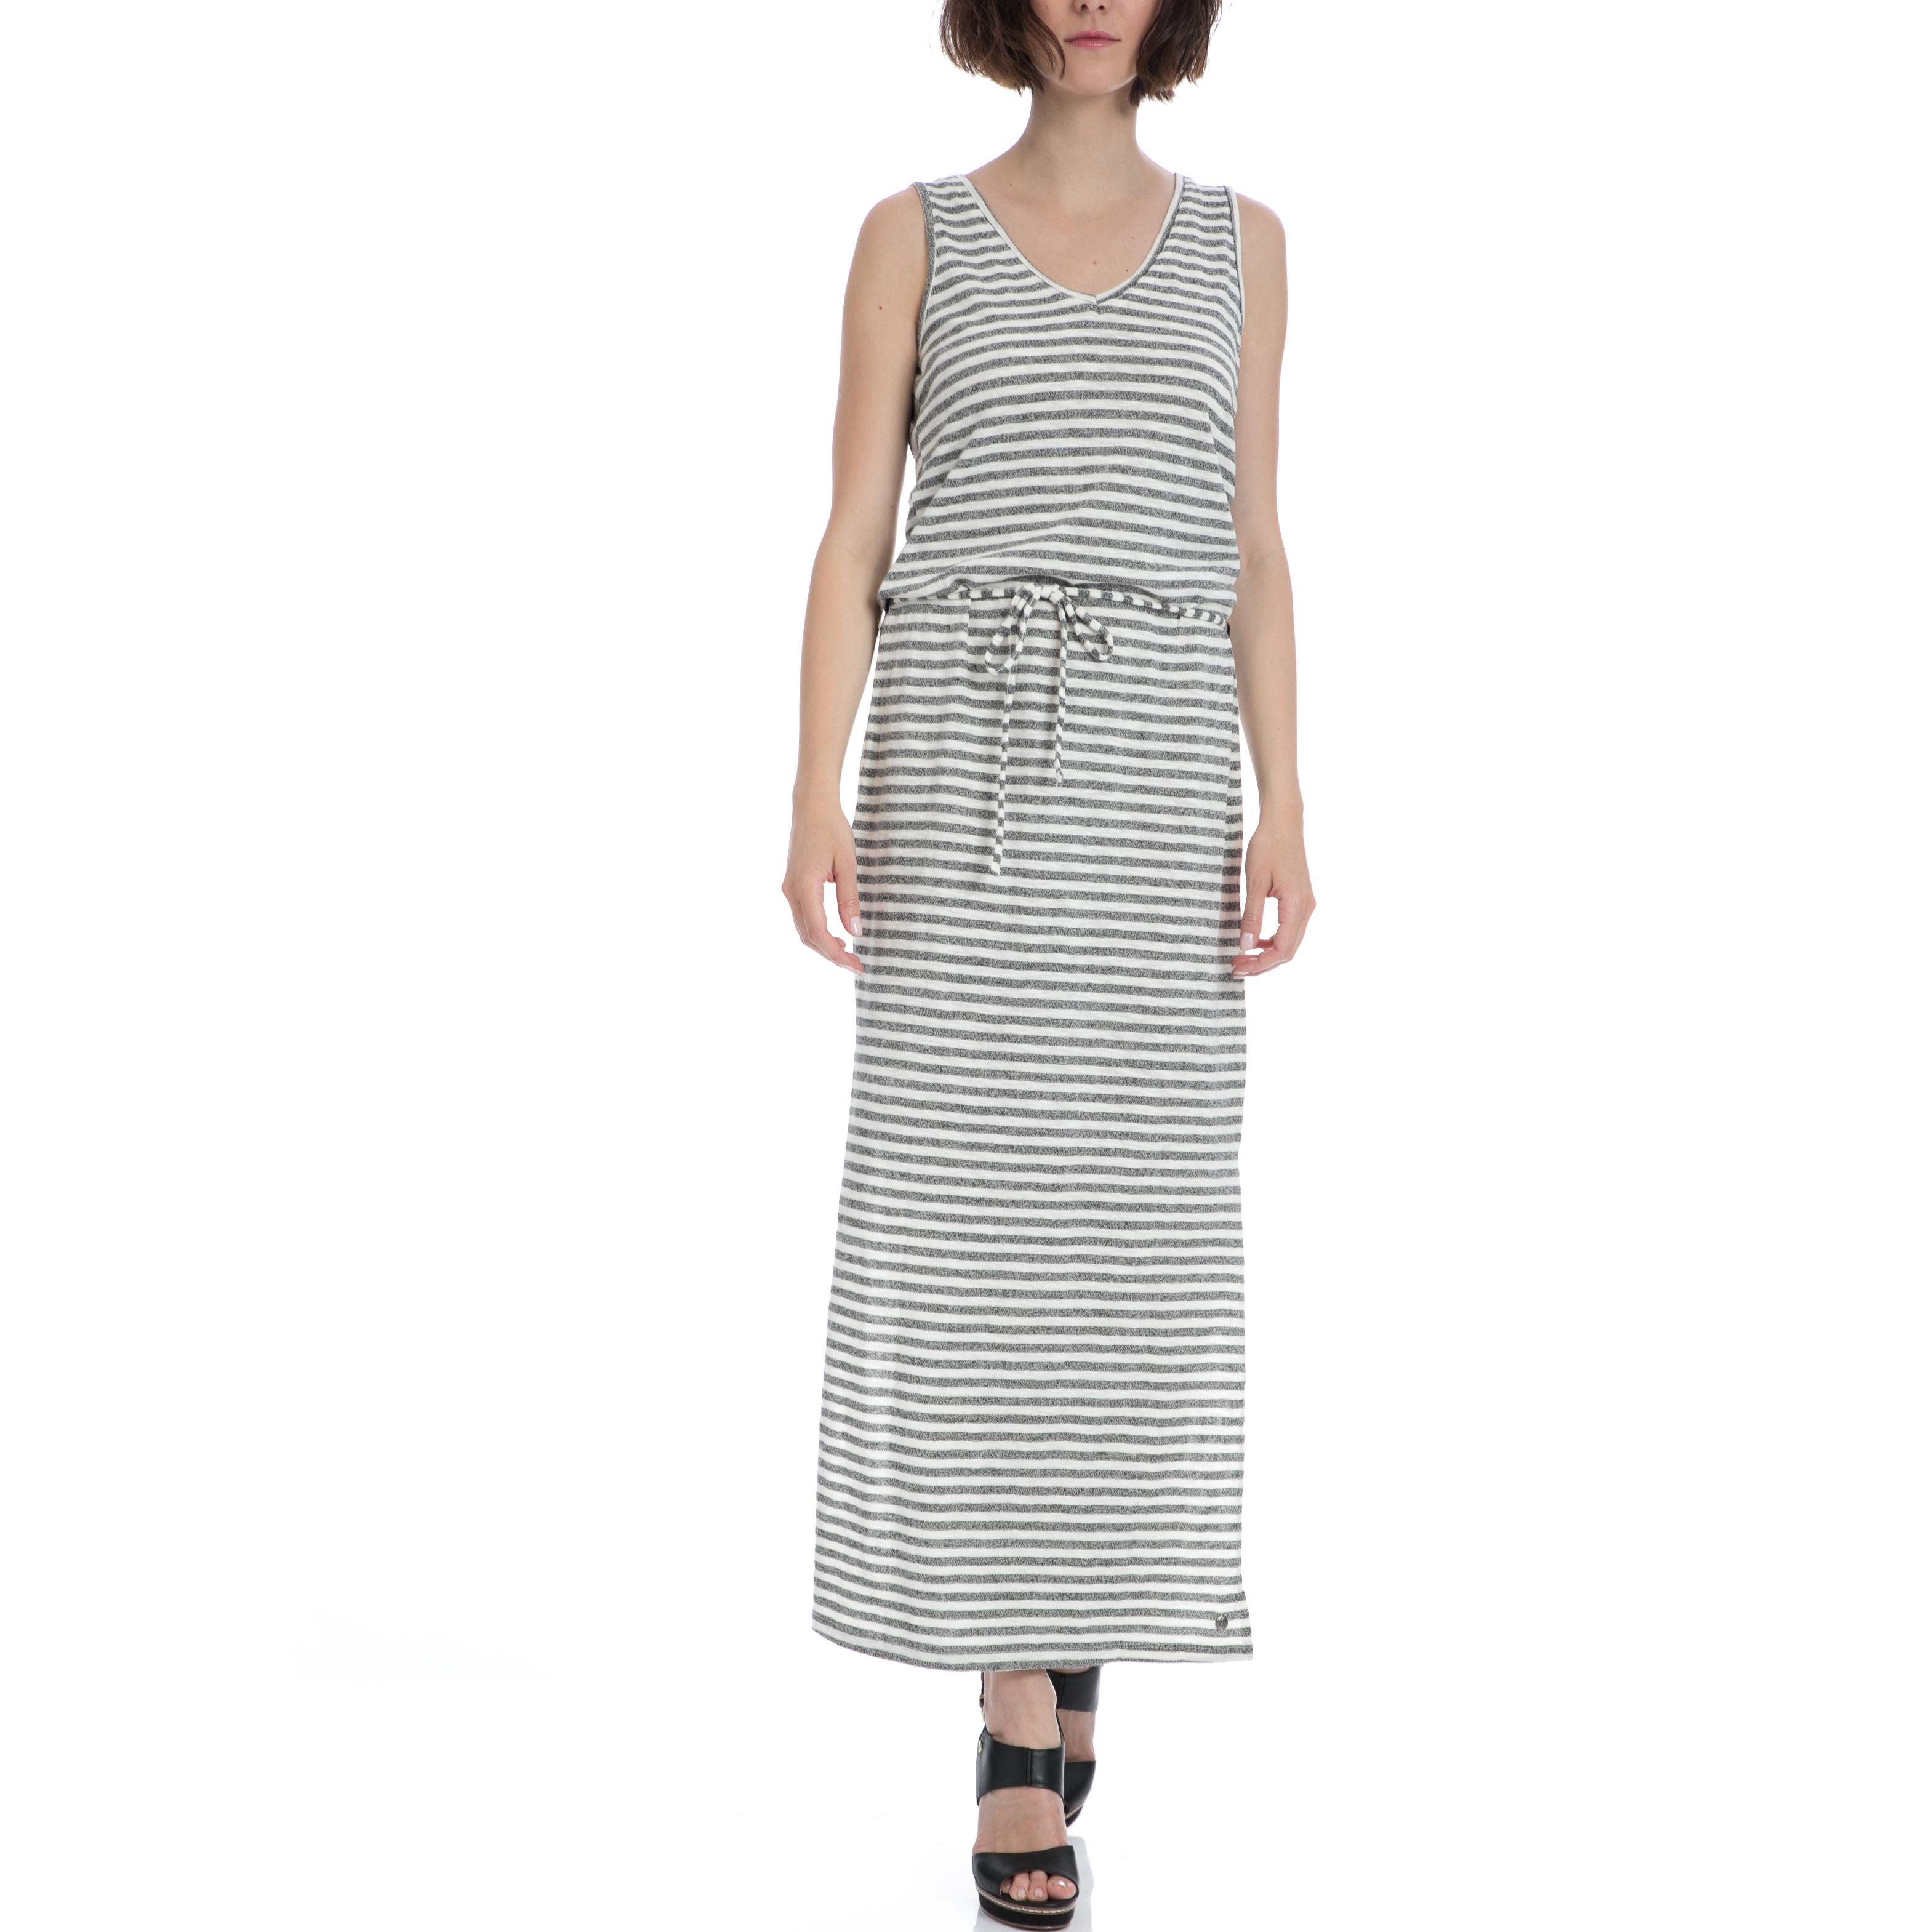 GARCIA JEANS - Γυναικείο φόρεμα Garcia Jeans γκρι-λευκό γυναικεία ρούχα φορέματα μάξι